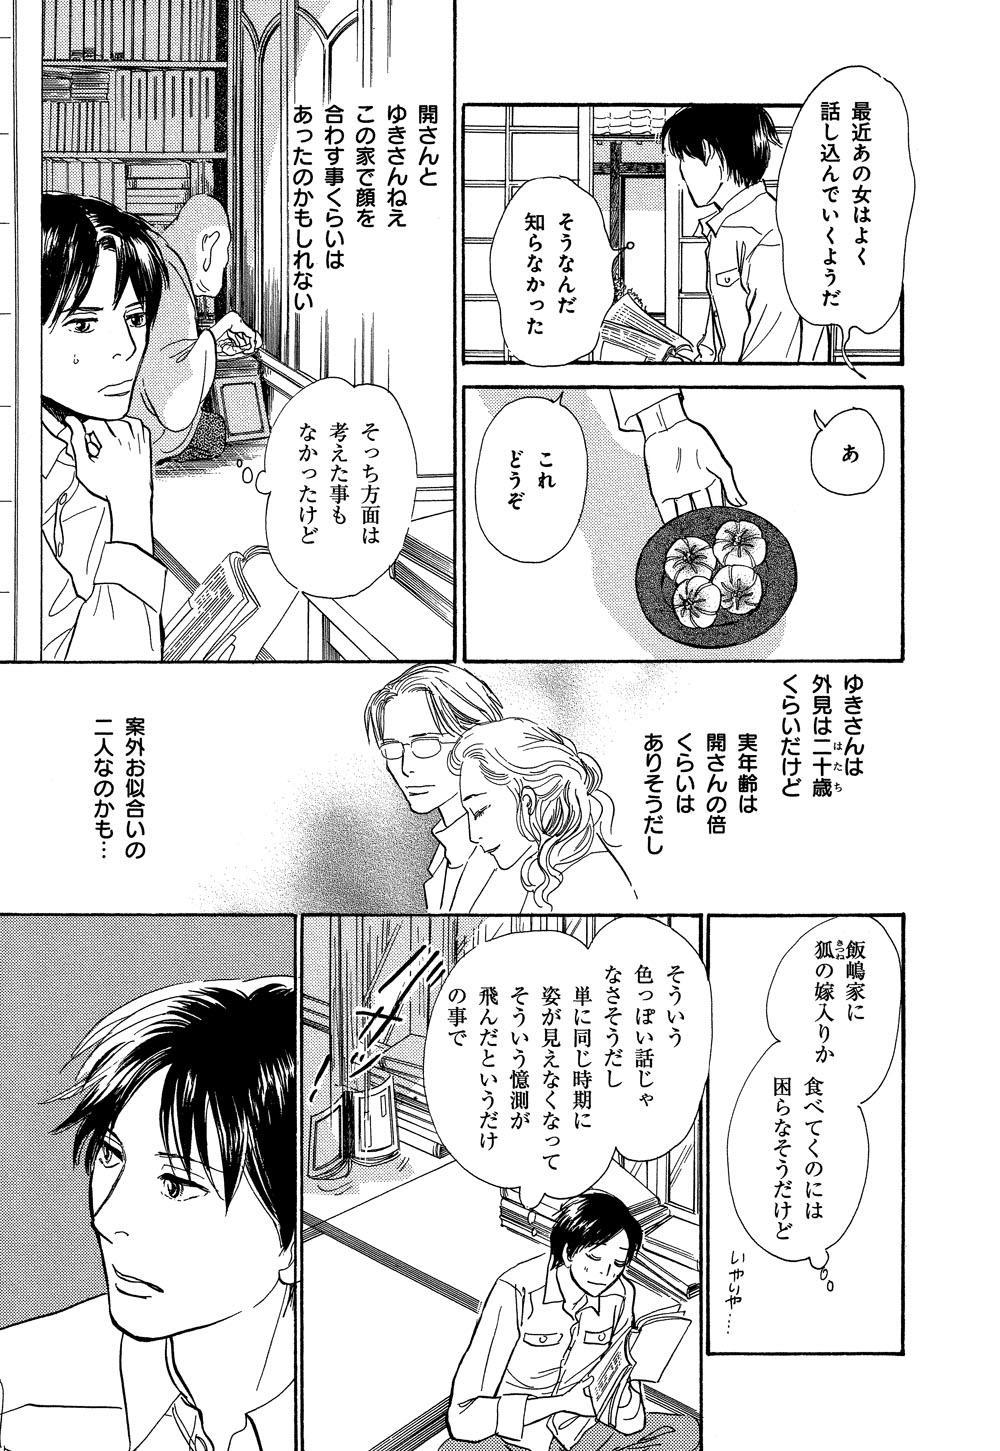 hyakki_0021_0011.jpg